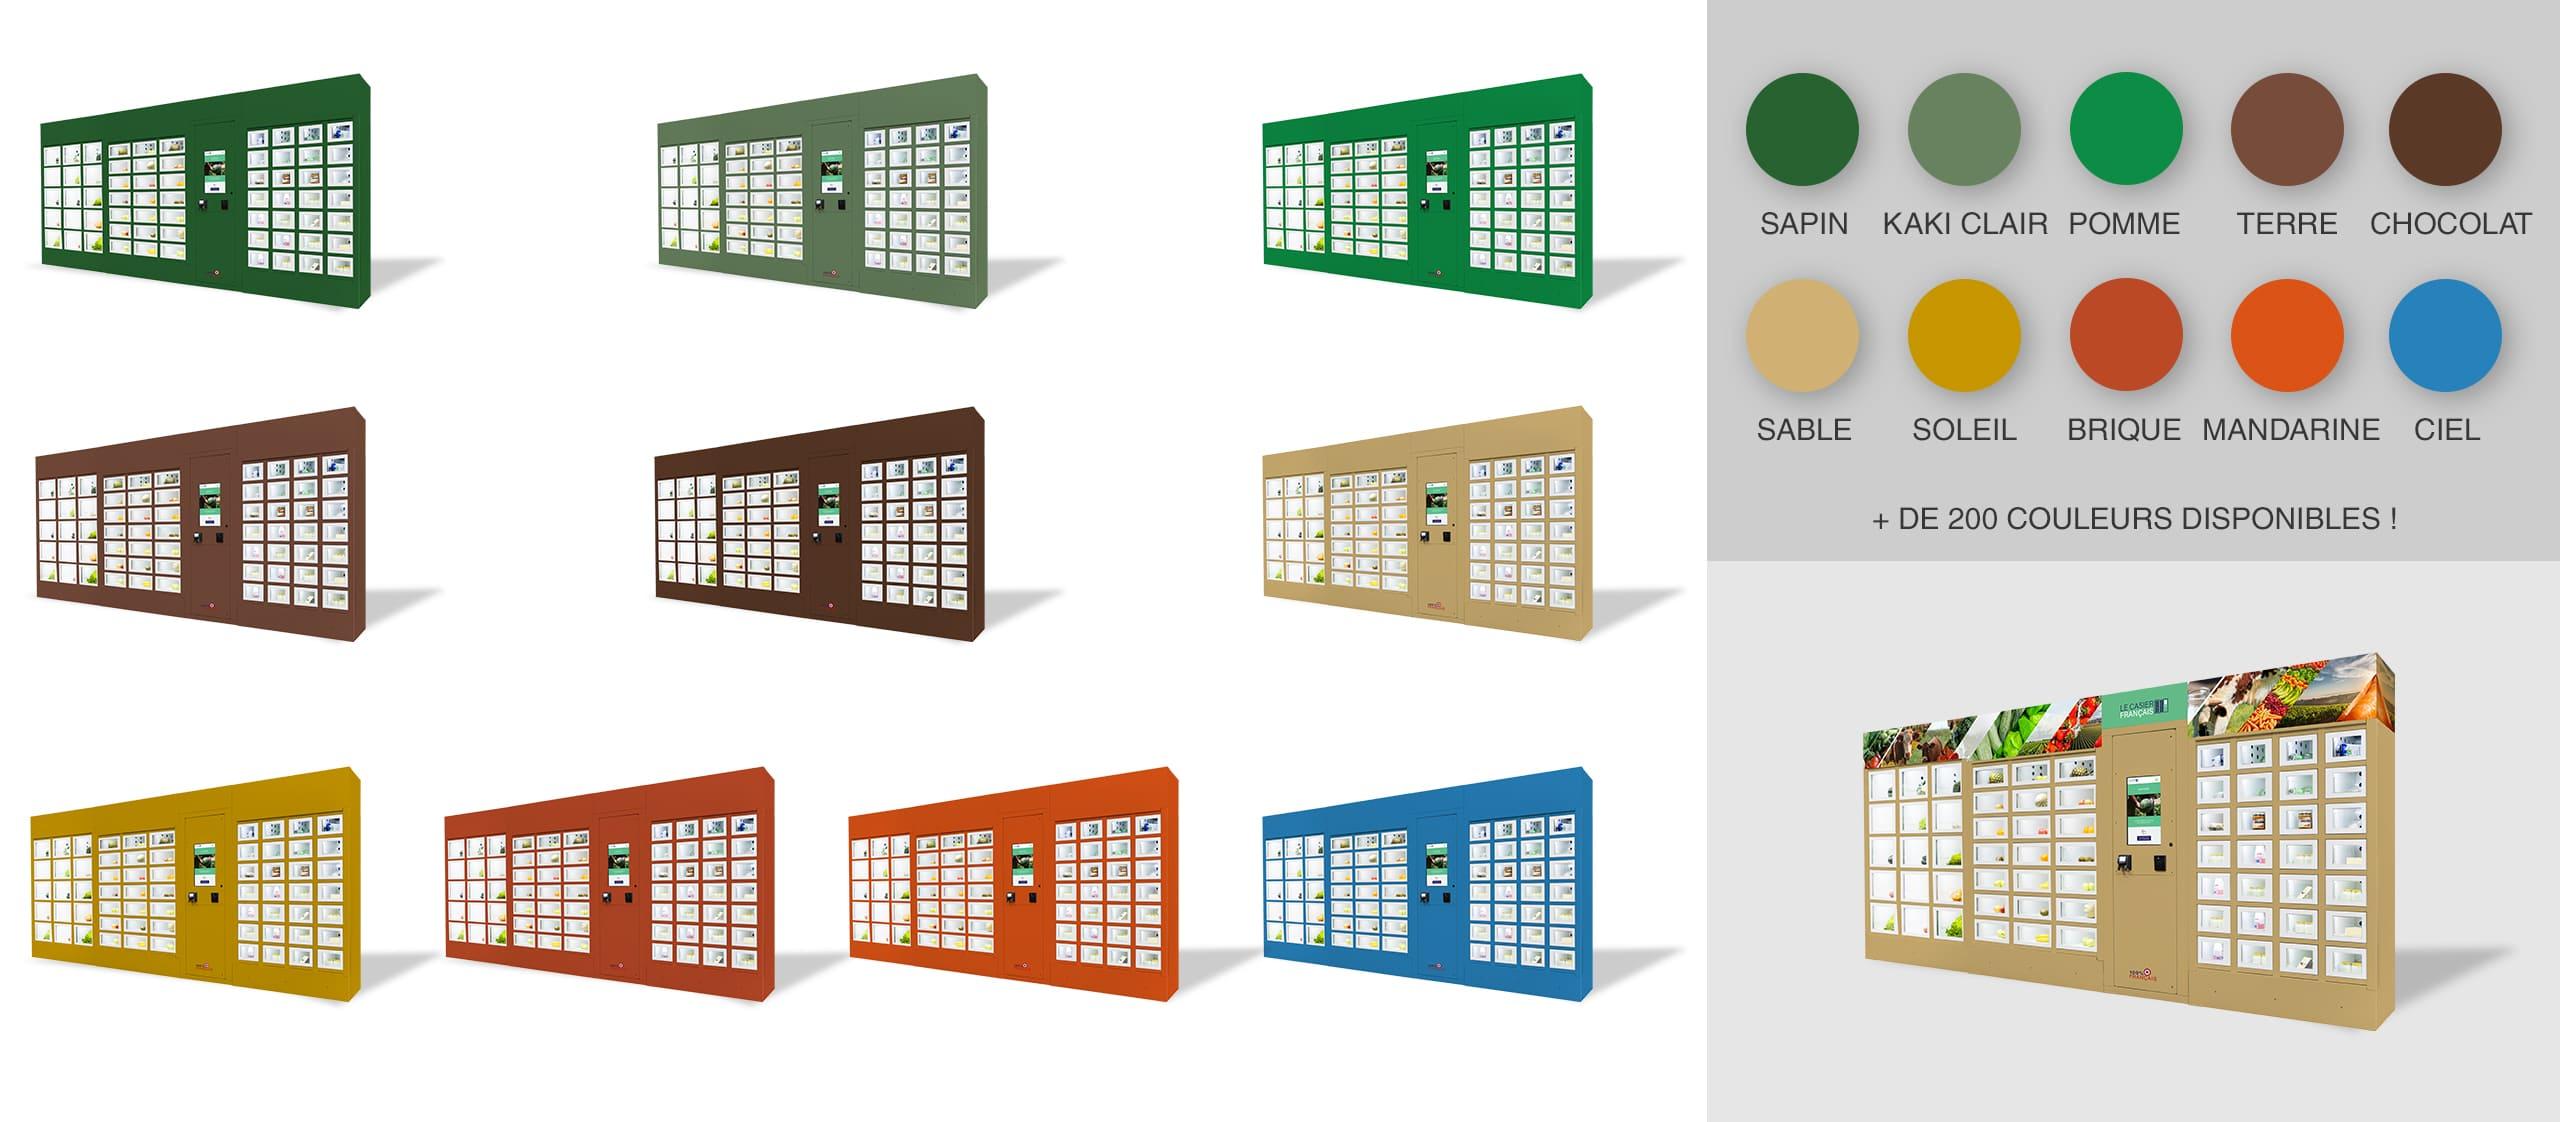 Diferentes colores de una máquina expendedora Le Casier Français